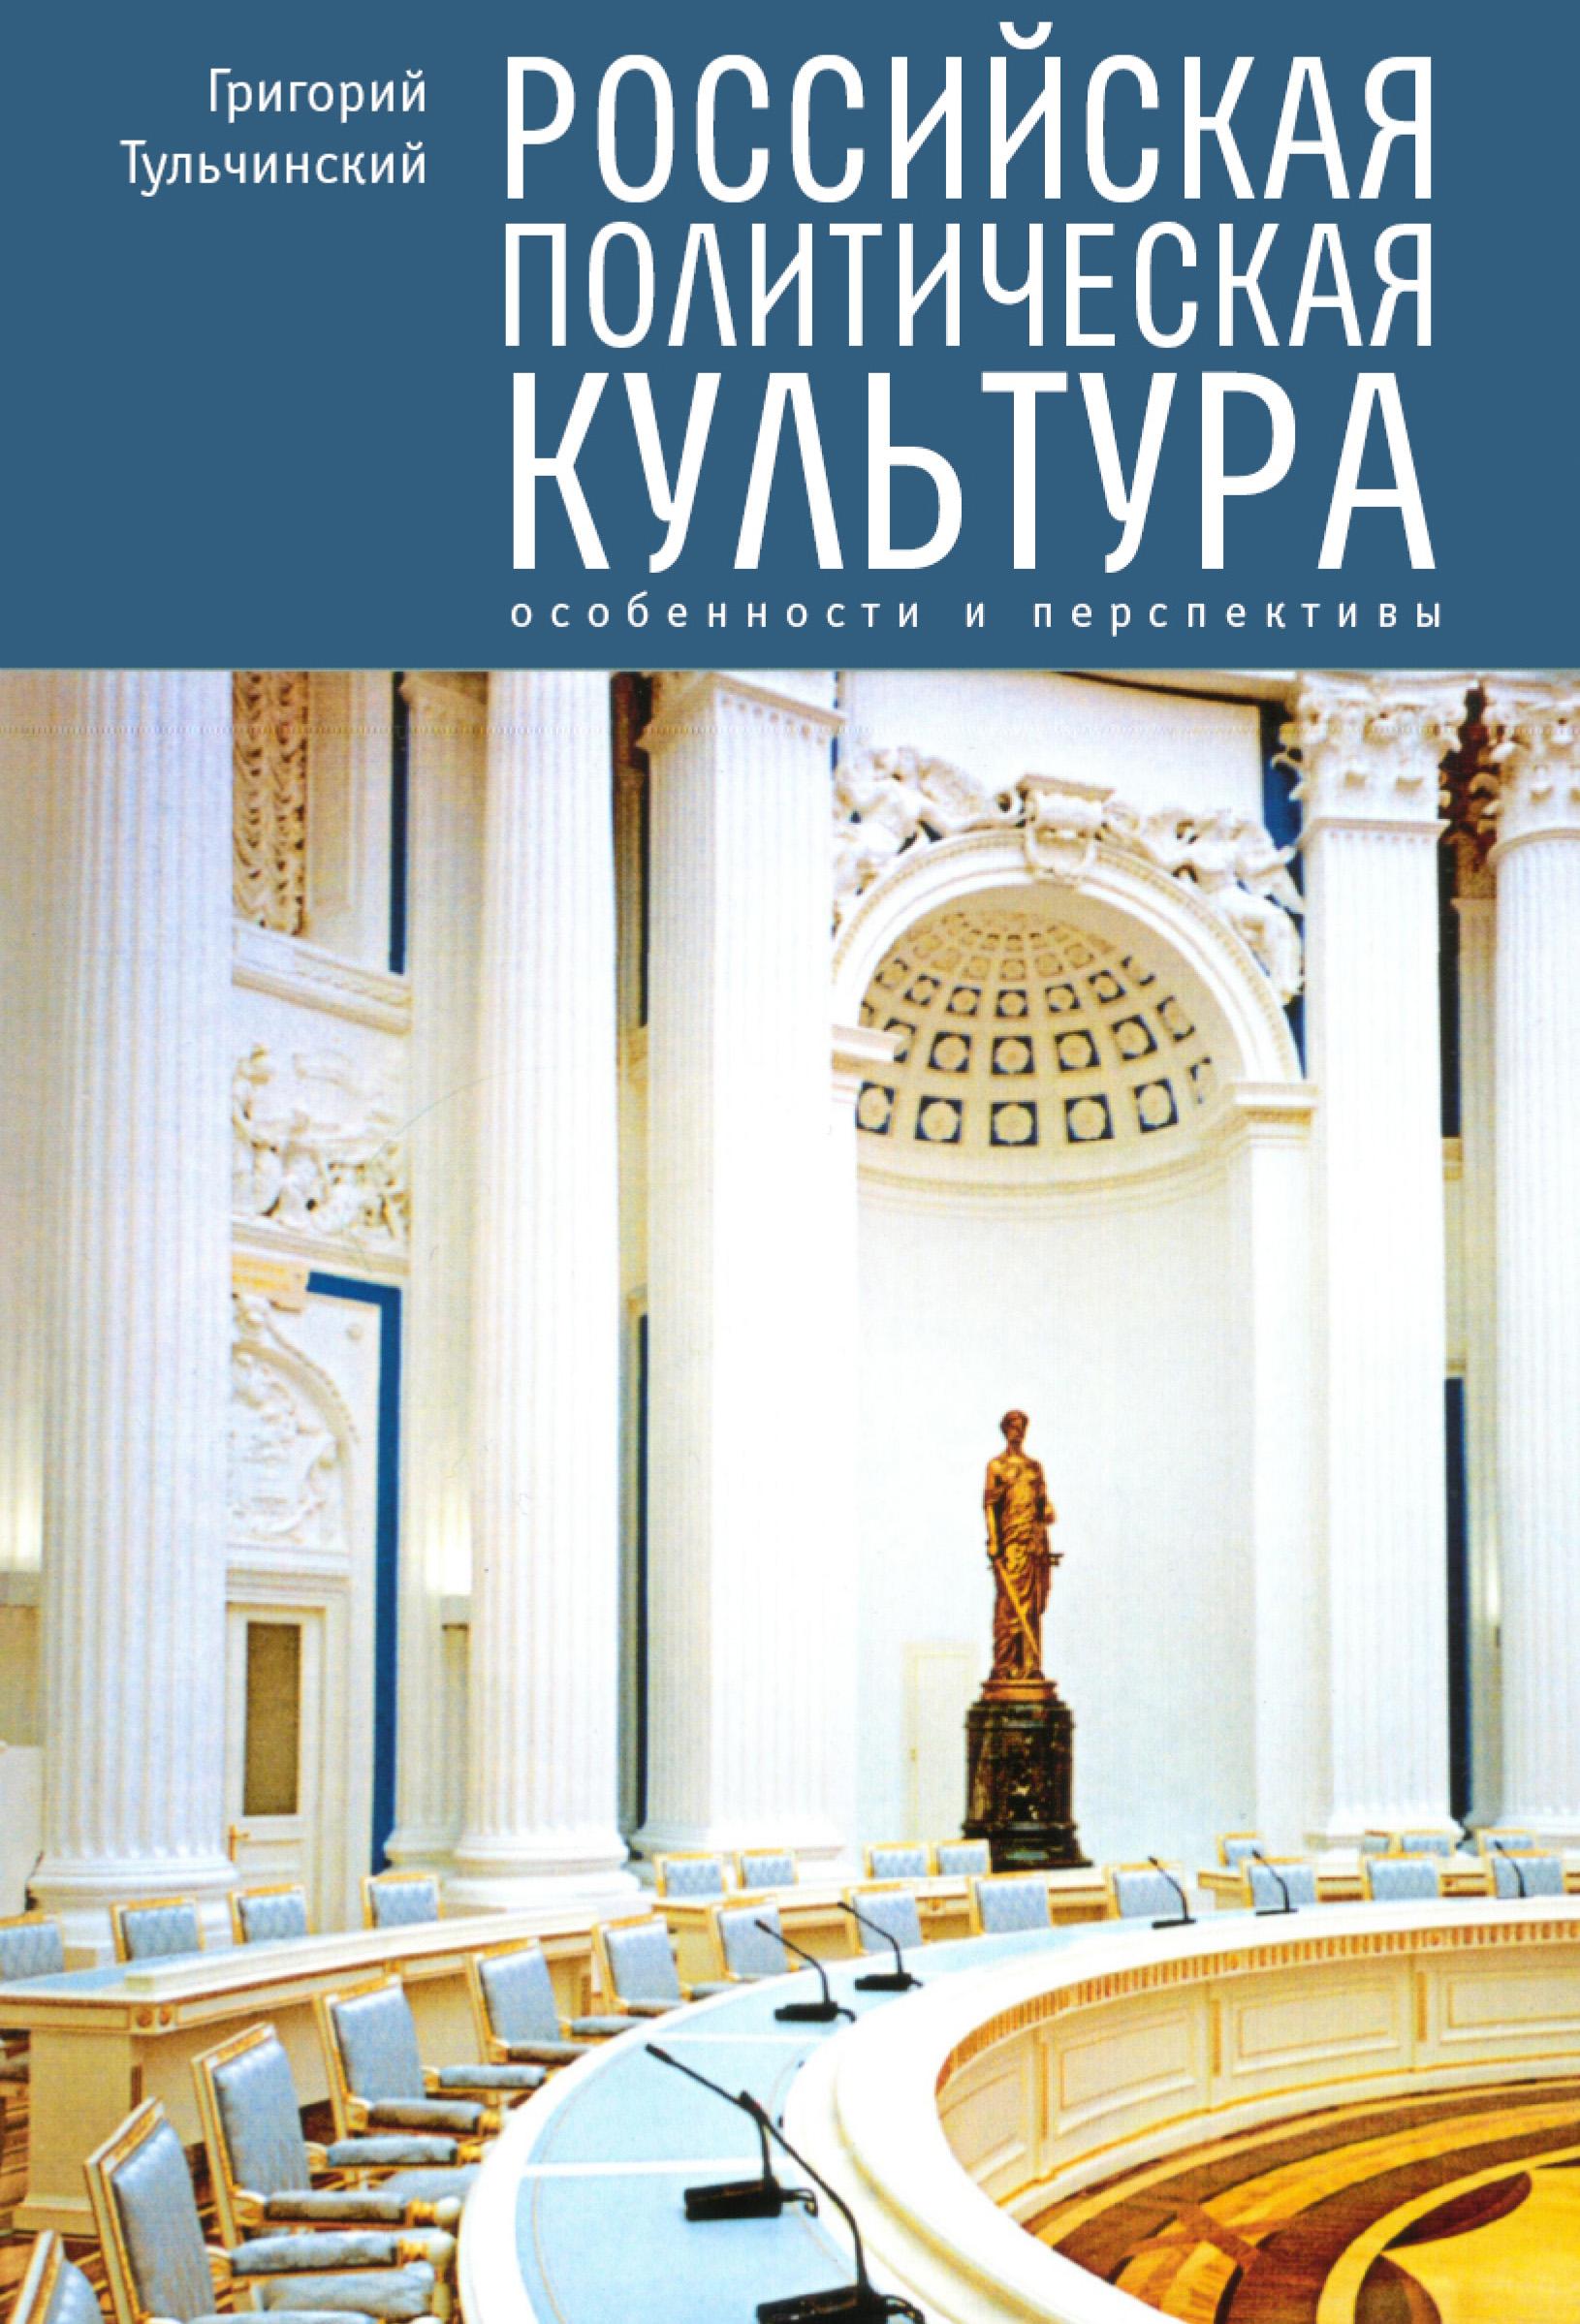 Г. Л. Тульчинский Российская политическая культура. Особенности и перспективы